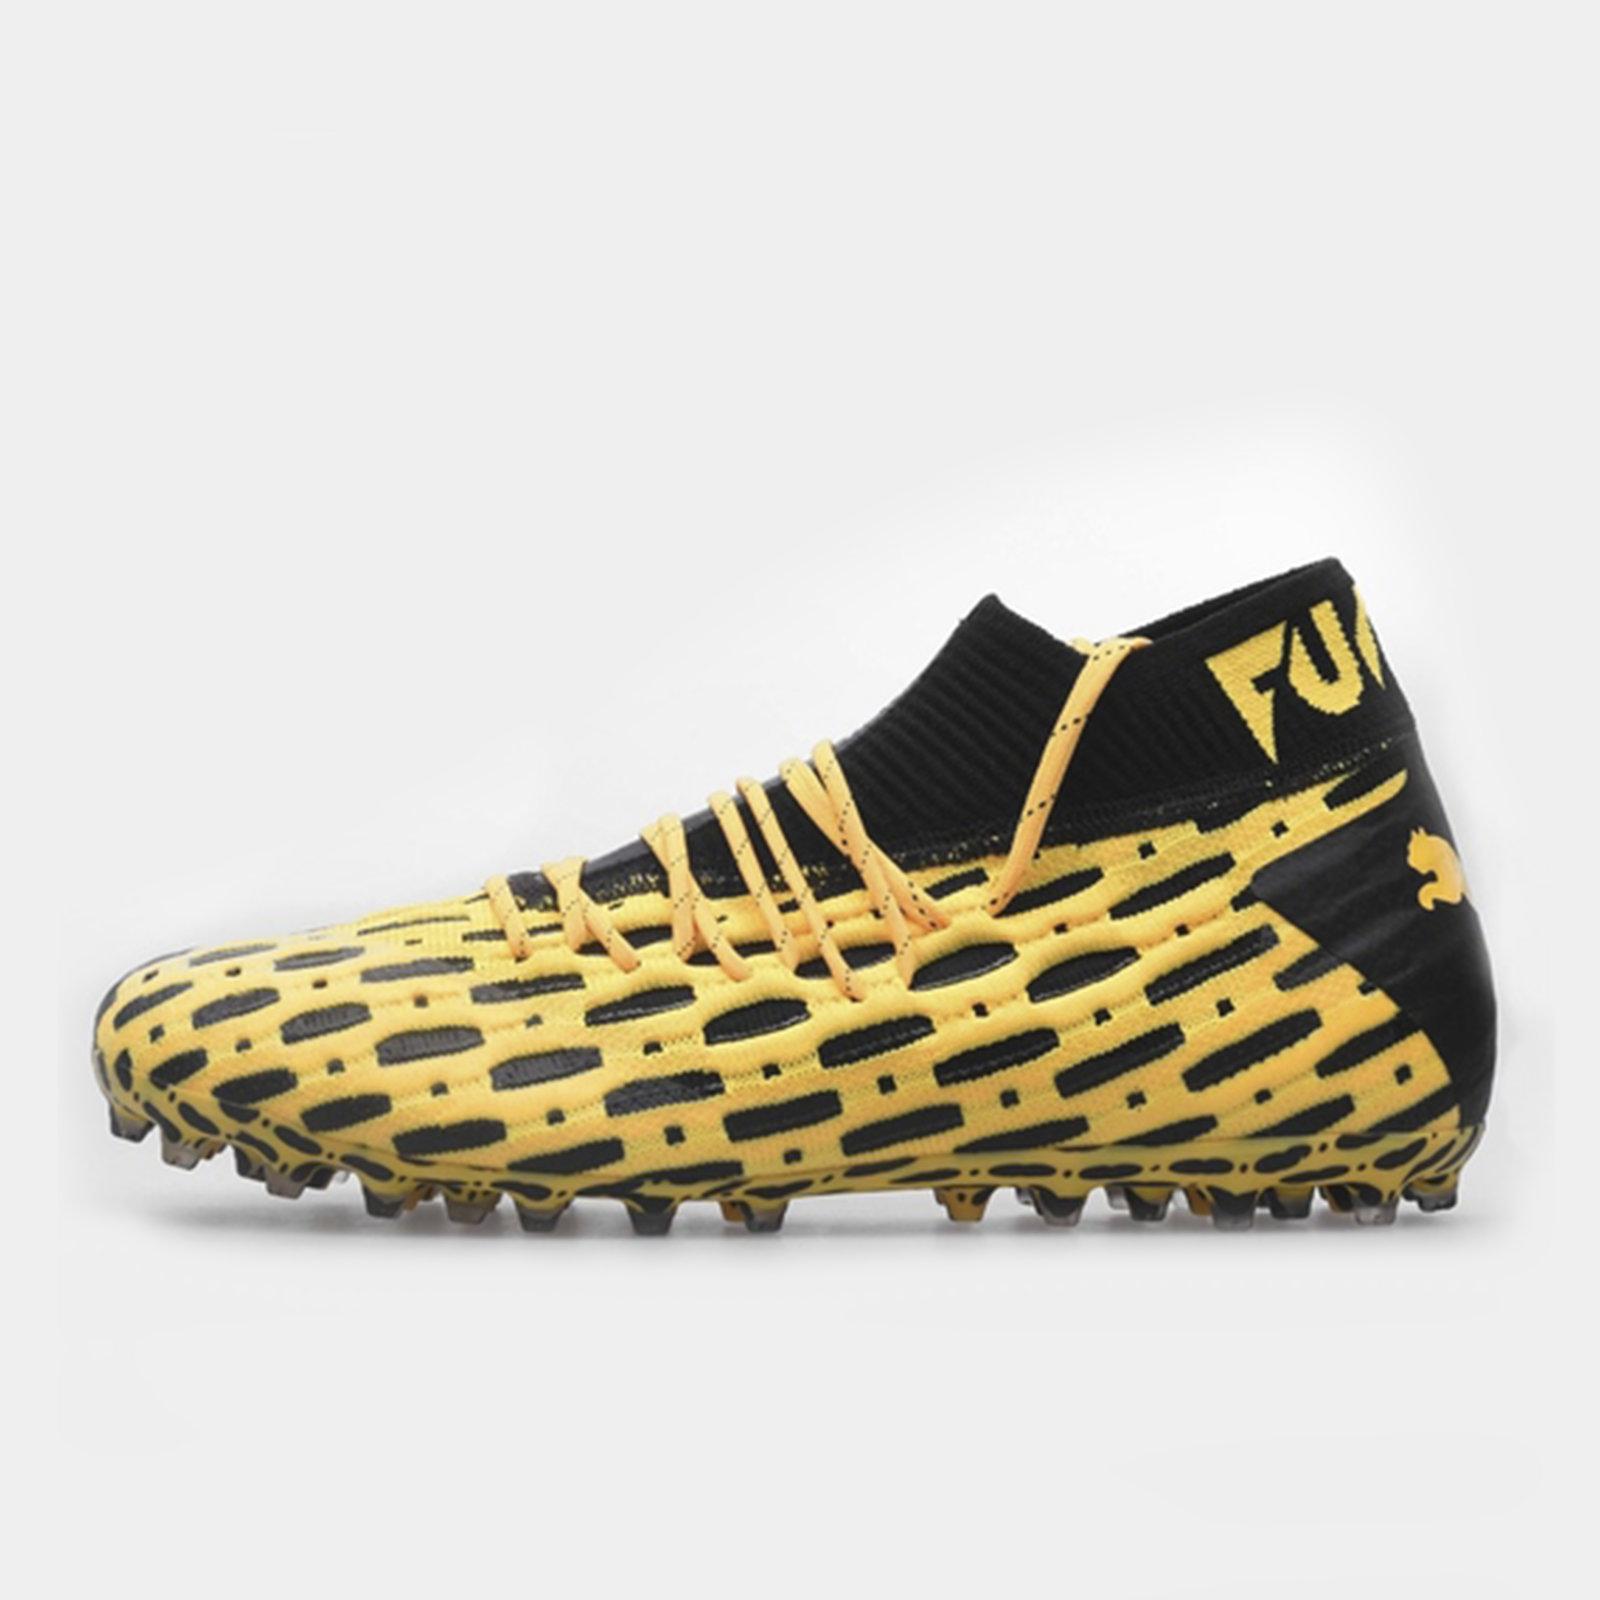 Future 5.1 MG Mens Football Boots